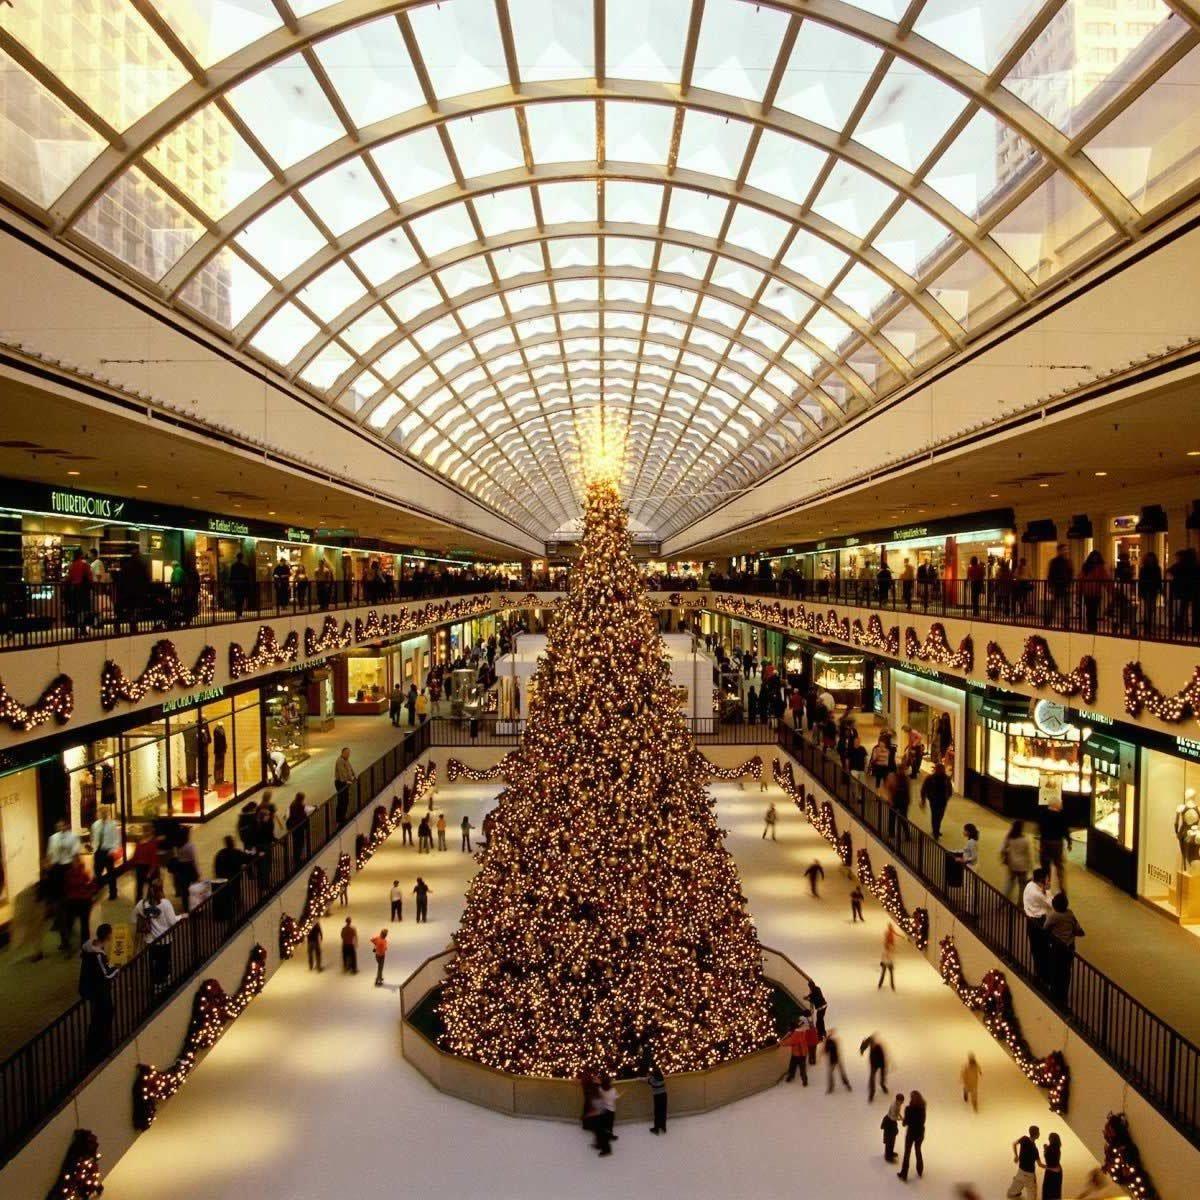 Galleria houston texas qaybe6